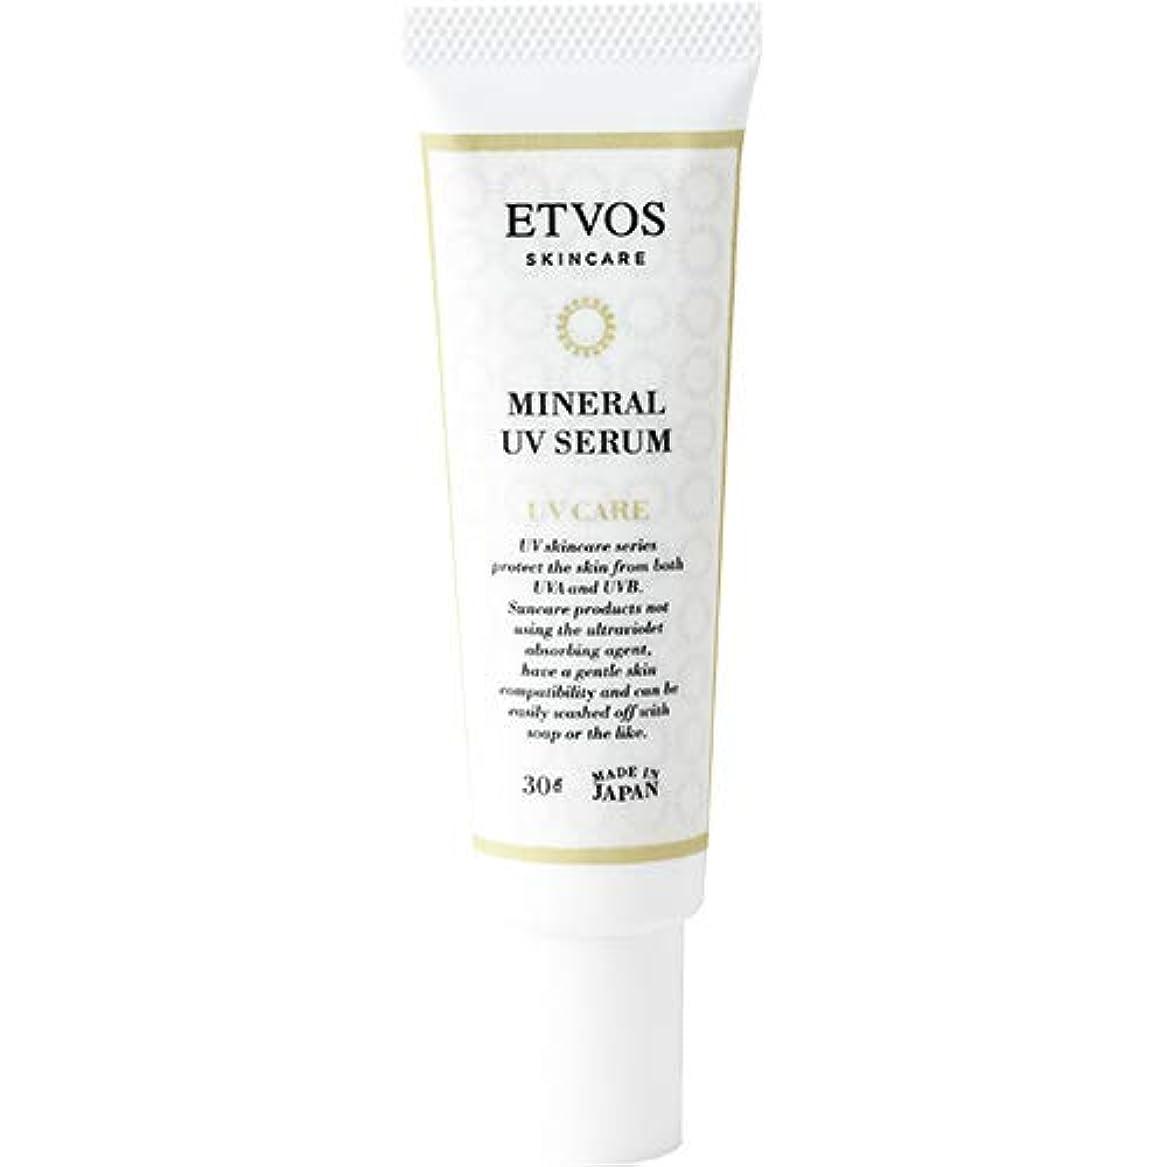 遅らせるピンクおばあさんETVOS(エトヴォス) 日焼け止め美容液 ミネラルUVセラム SPF35/PA+++ 30g 化粧下地 紫外線吸収剤不使用